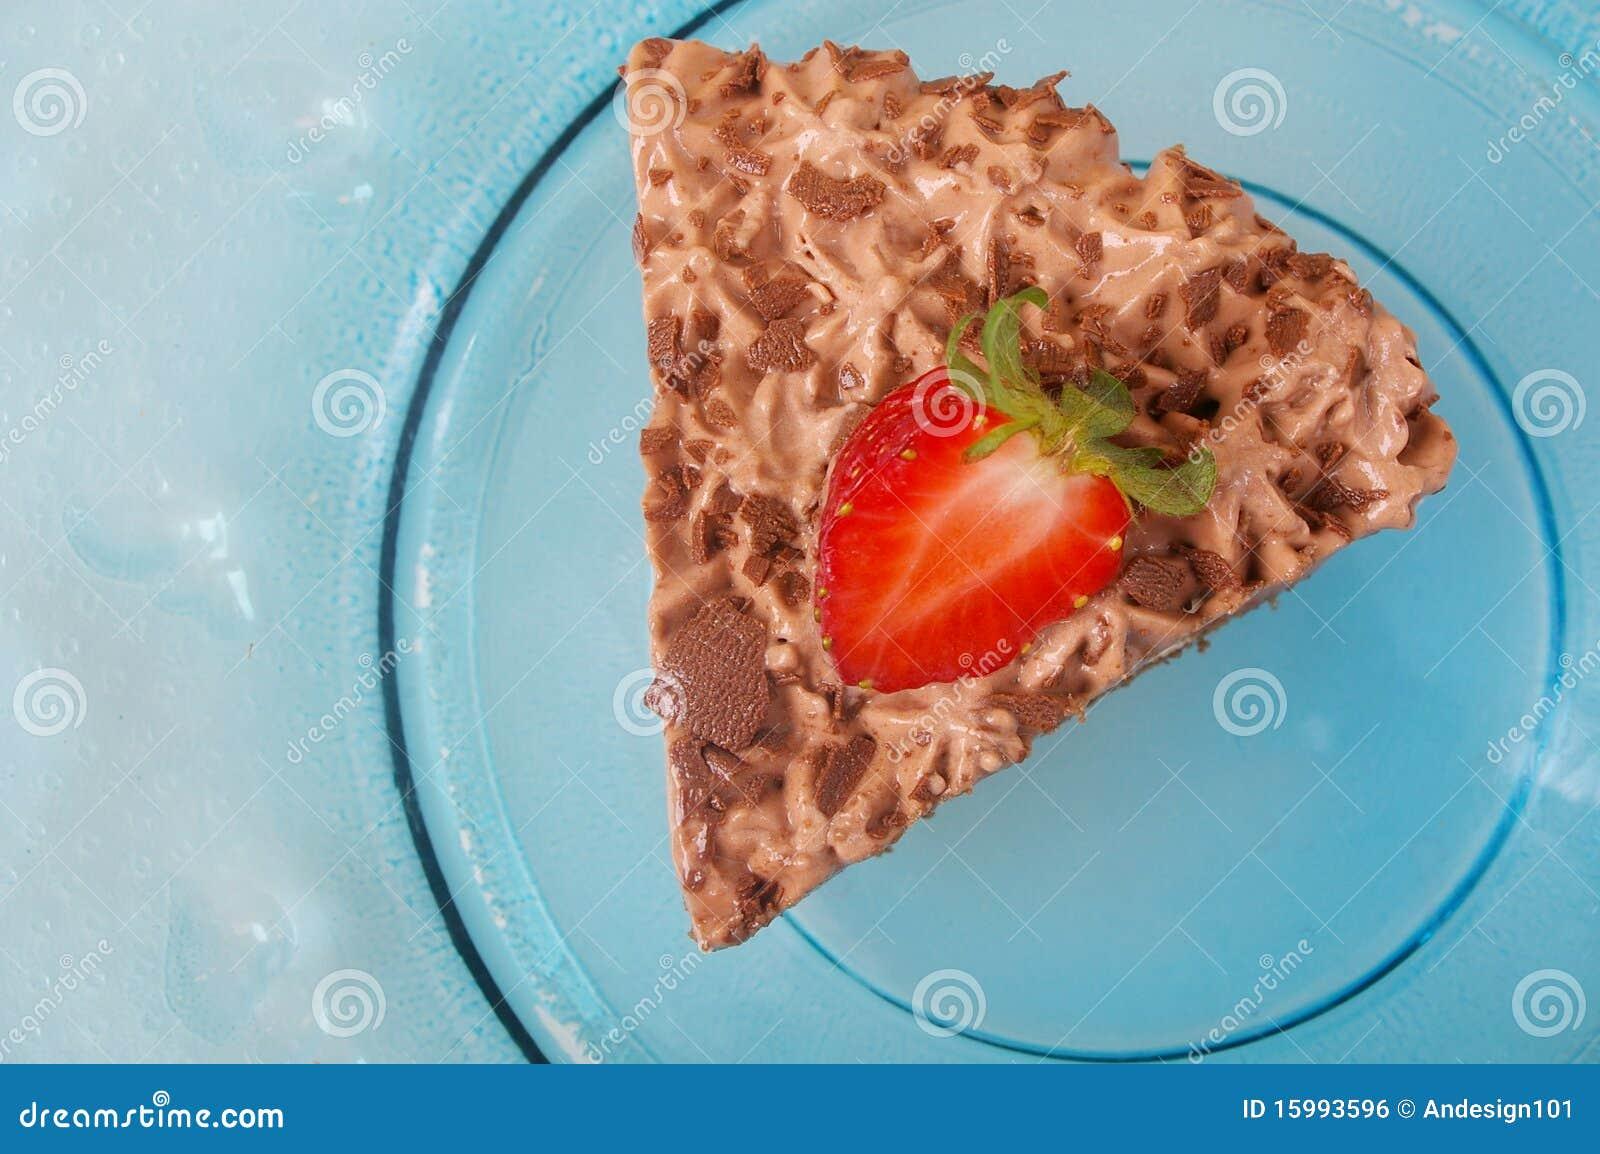 Bavarian Cherry Chocolate Cake